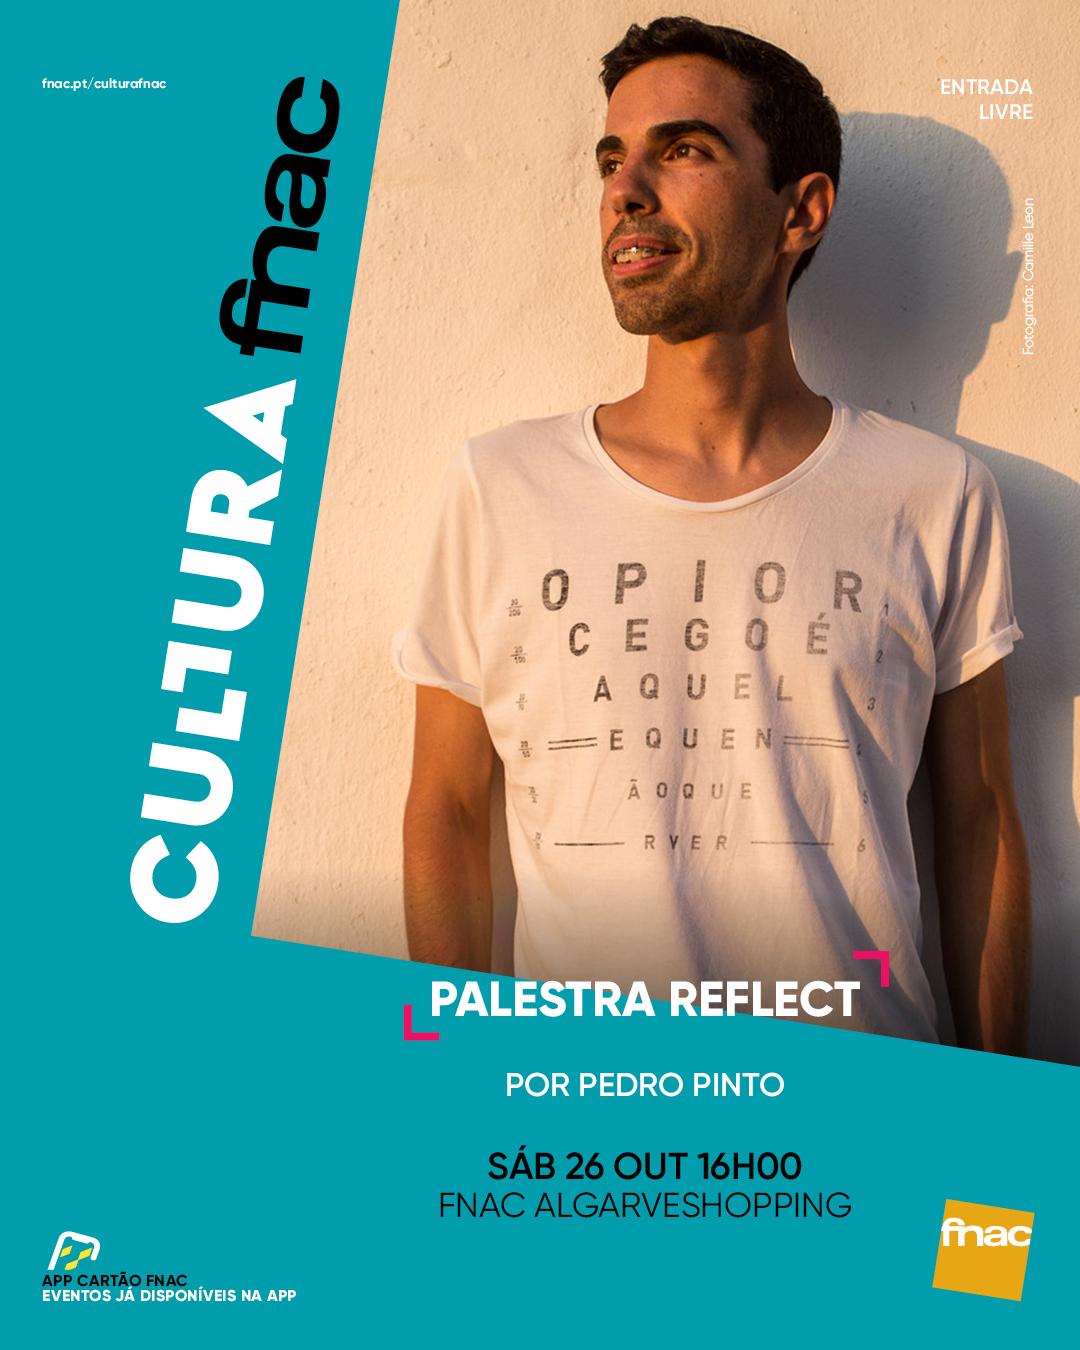 Palestra Pedro Pinto (Reflect) @ FNAC AlgarveShopping